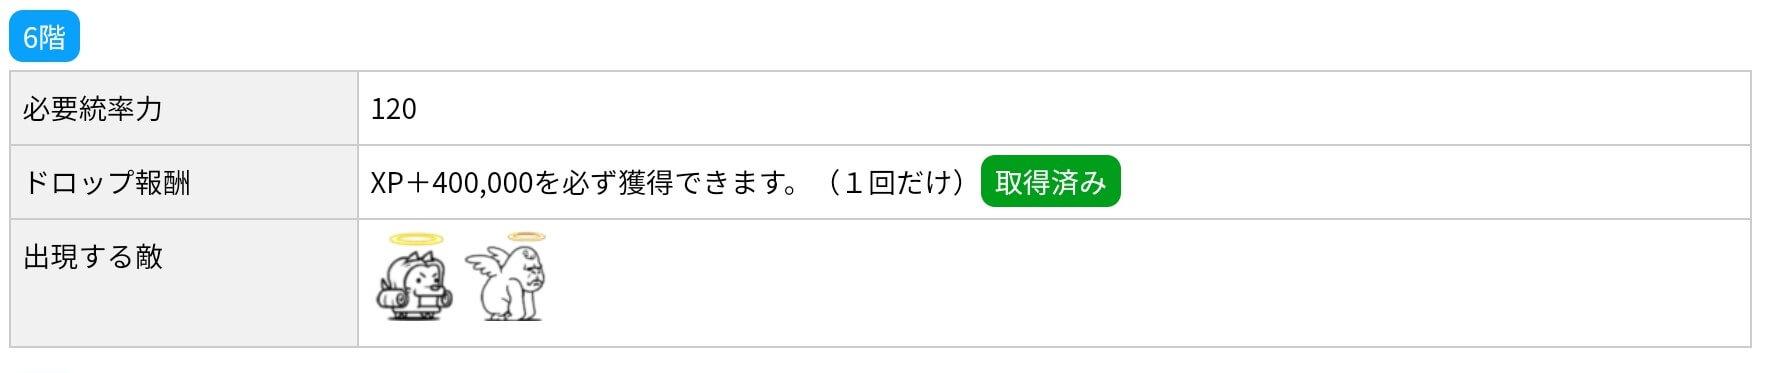 にゃんこ別塔(天)6階 敵編成